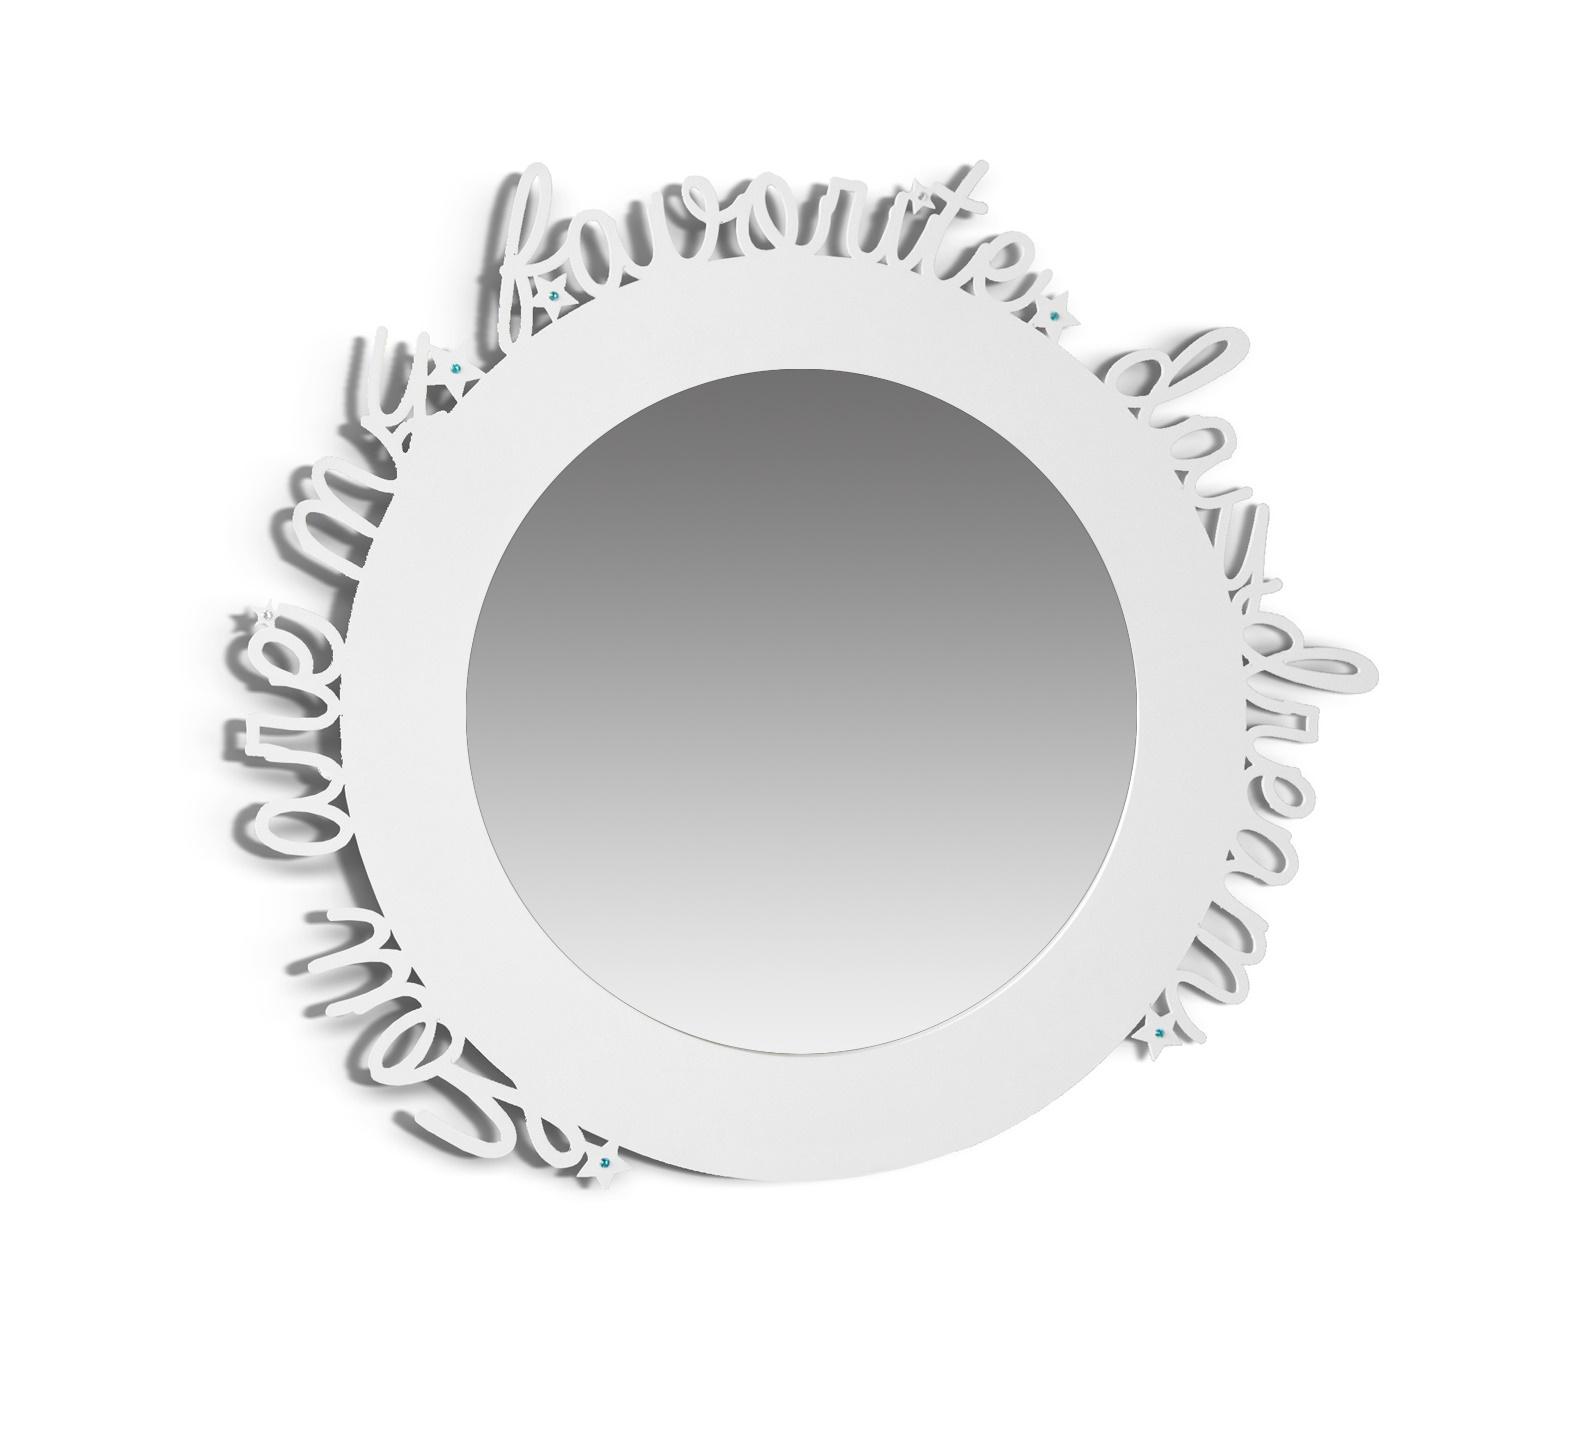 Зеркало DAYDREAMНастенные зеркала<br>Интерьерное зеркало DAYDREAM, инкрустированное элементами Swarovski вручную – из лимитированной коллекции BONESSI.<br>Зеркало&amp;amp;nbsp;DAYDREAM нежно украсит интерьер детской комнаты маленькой принцессы или спальни.&amp;lt;div&amp;gt;&amp;lt;br&amp;gt;&amp;lt;/div&amp;gt;&amp;lt;div&amp;gt;&amp;lt;span style=&amp;quot;font-size: 14px;&amp;quot;&amp;gt;Украшения: кристаллы Swarovski&amp;lt;/span&amp;gt;&amp;lt;br&amp;gt;&amp;lt;/div&amp;gt;<br><br>Material: Сталь